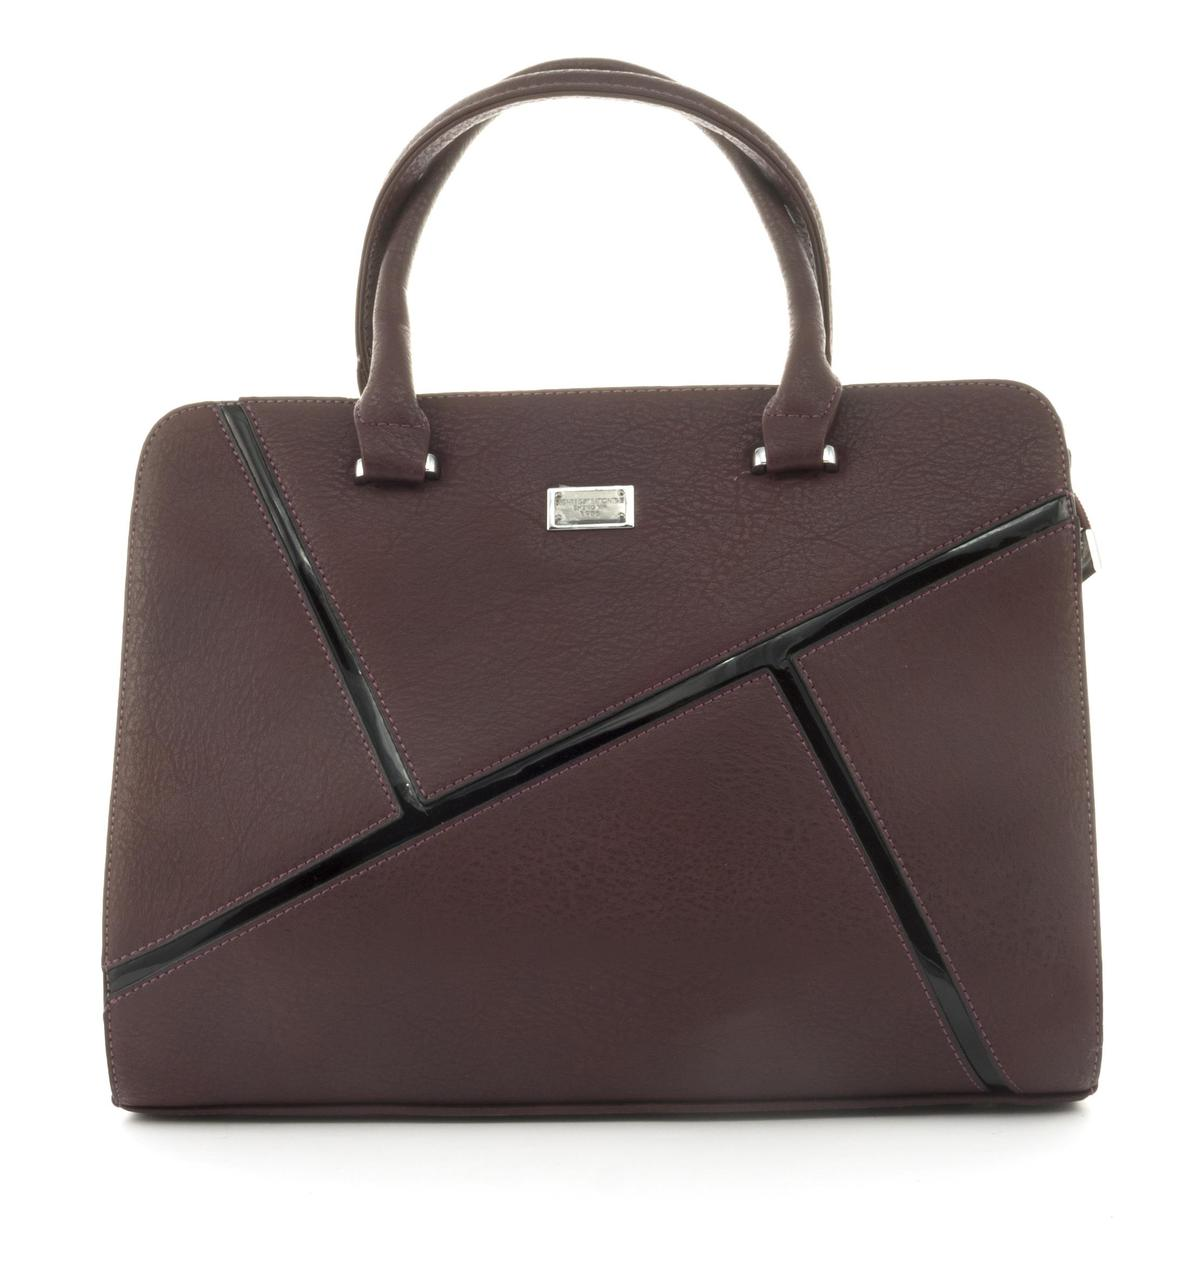 Оригинальная каркасная прочная элегантная женская сумка высокого качества ShengMa art. 881276 бордовая